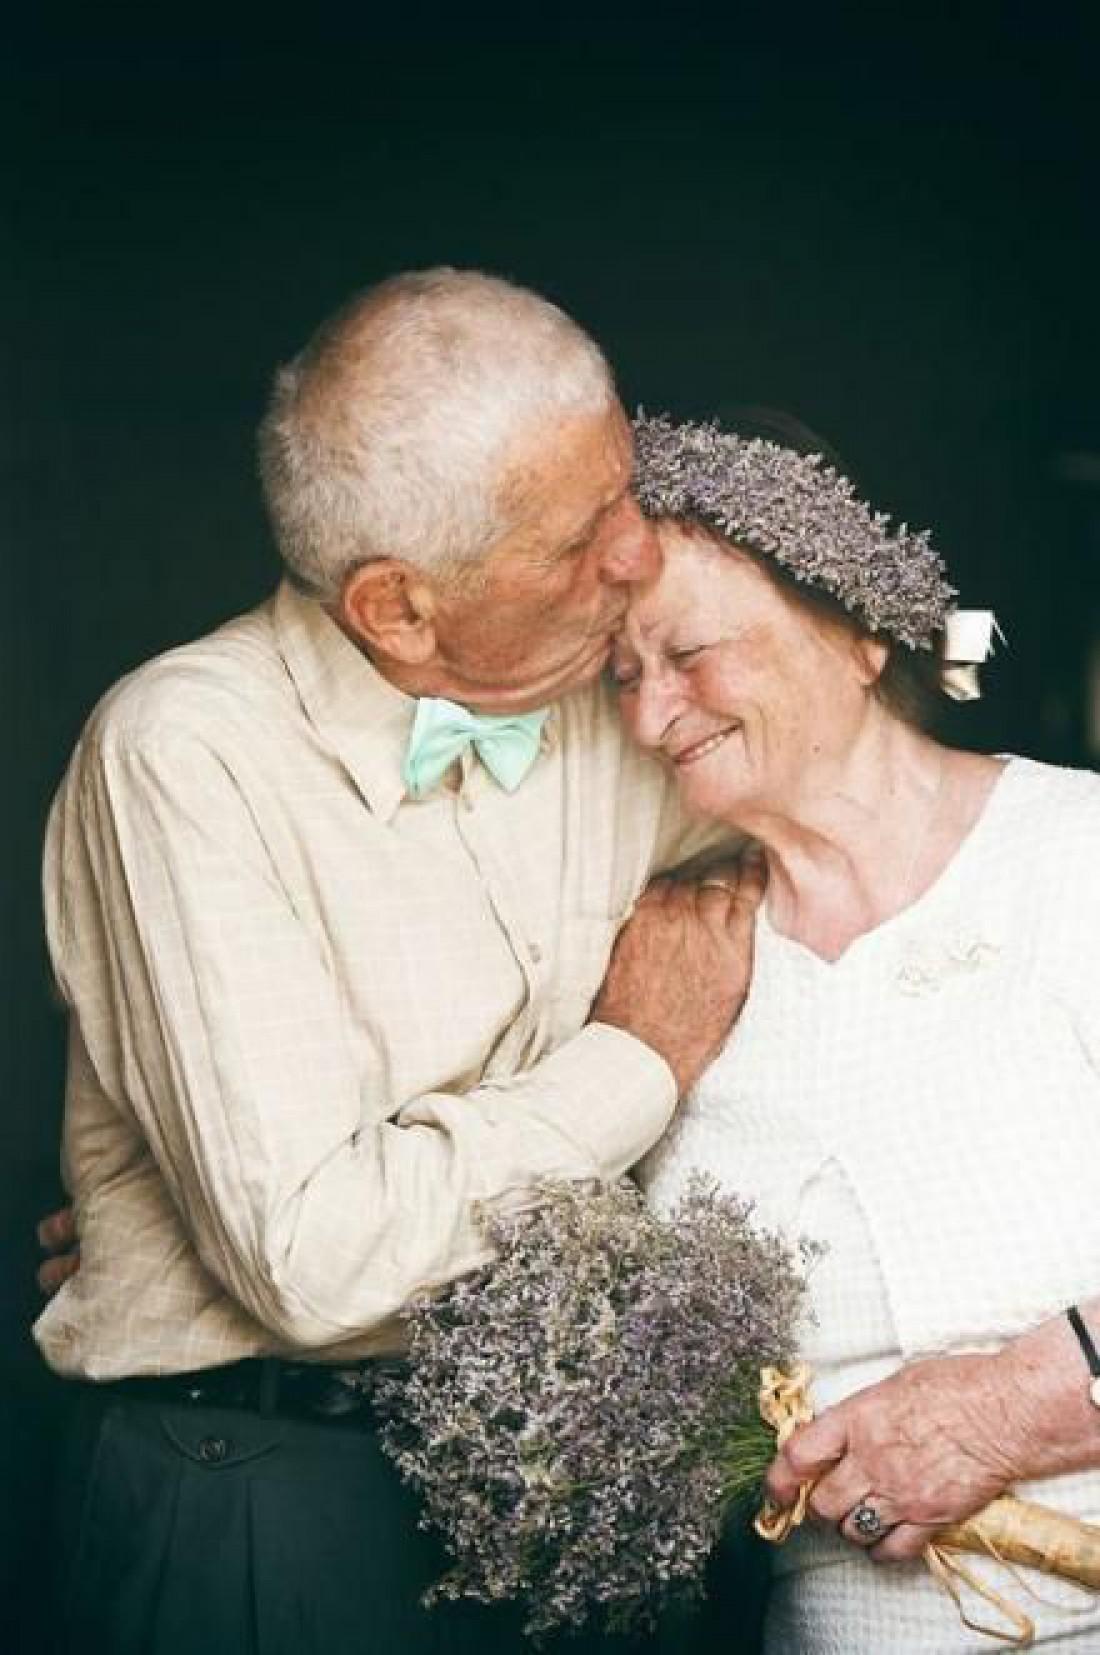 Влияние замужества на здоровье: 5 занятных фактов